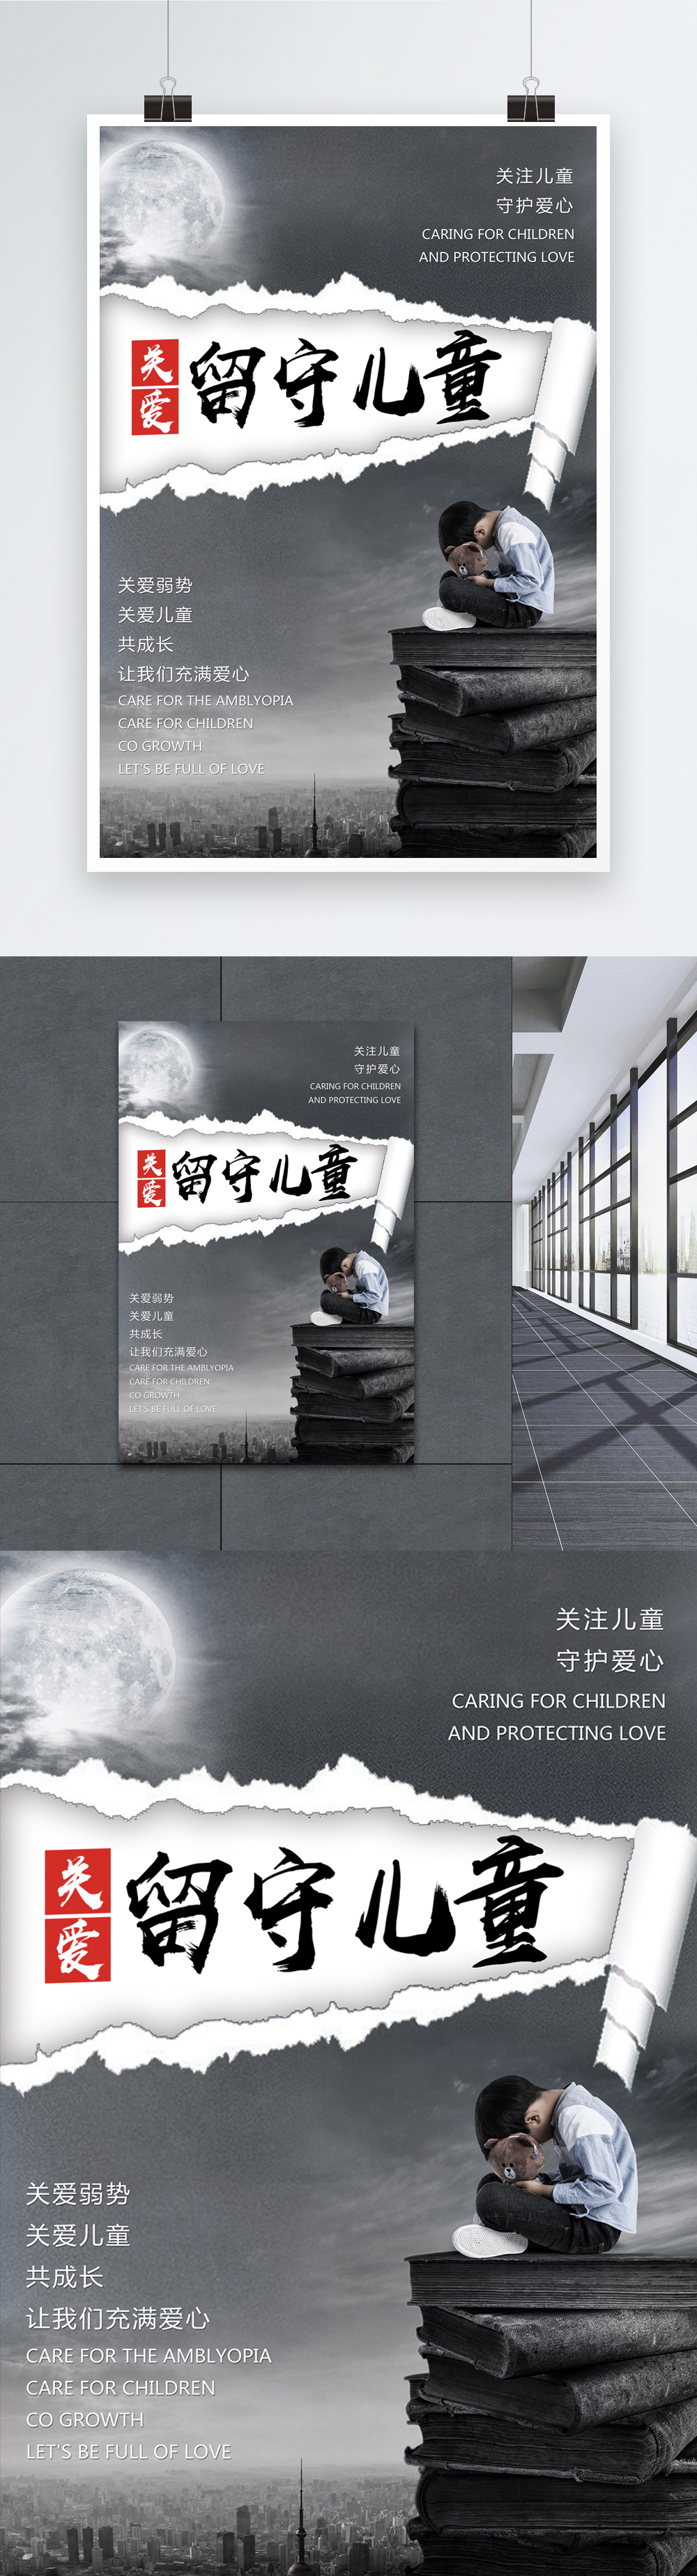 关爱留守儿童公益宣传海报 poster